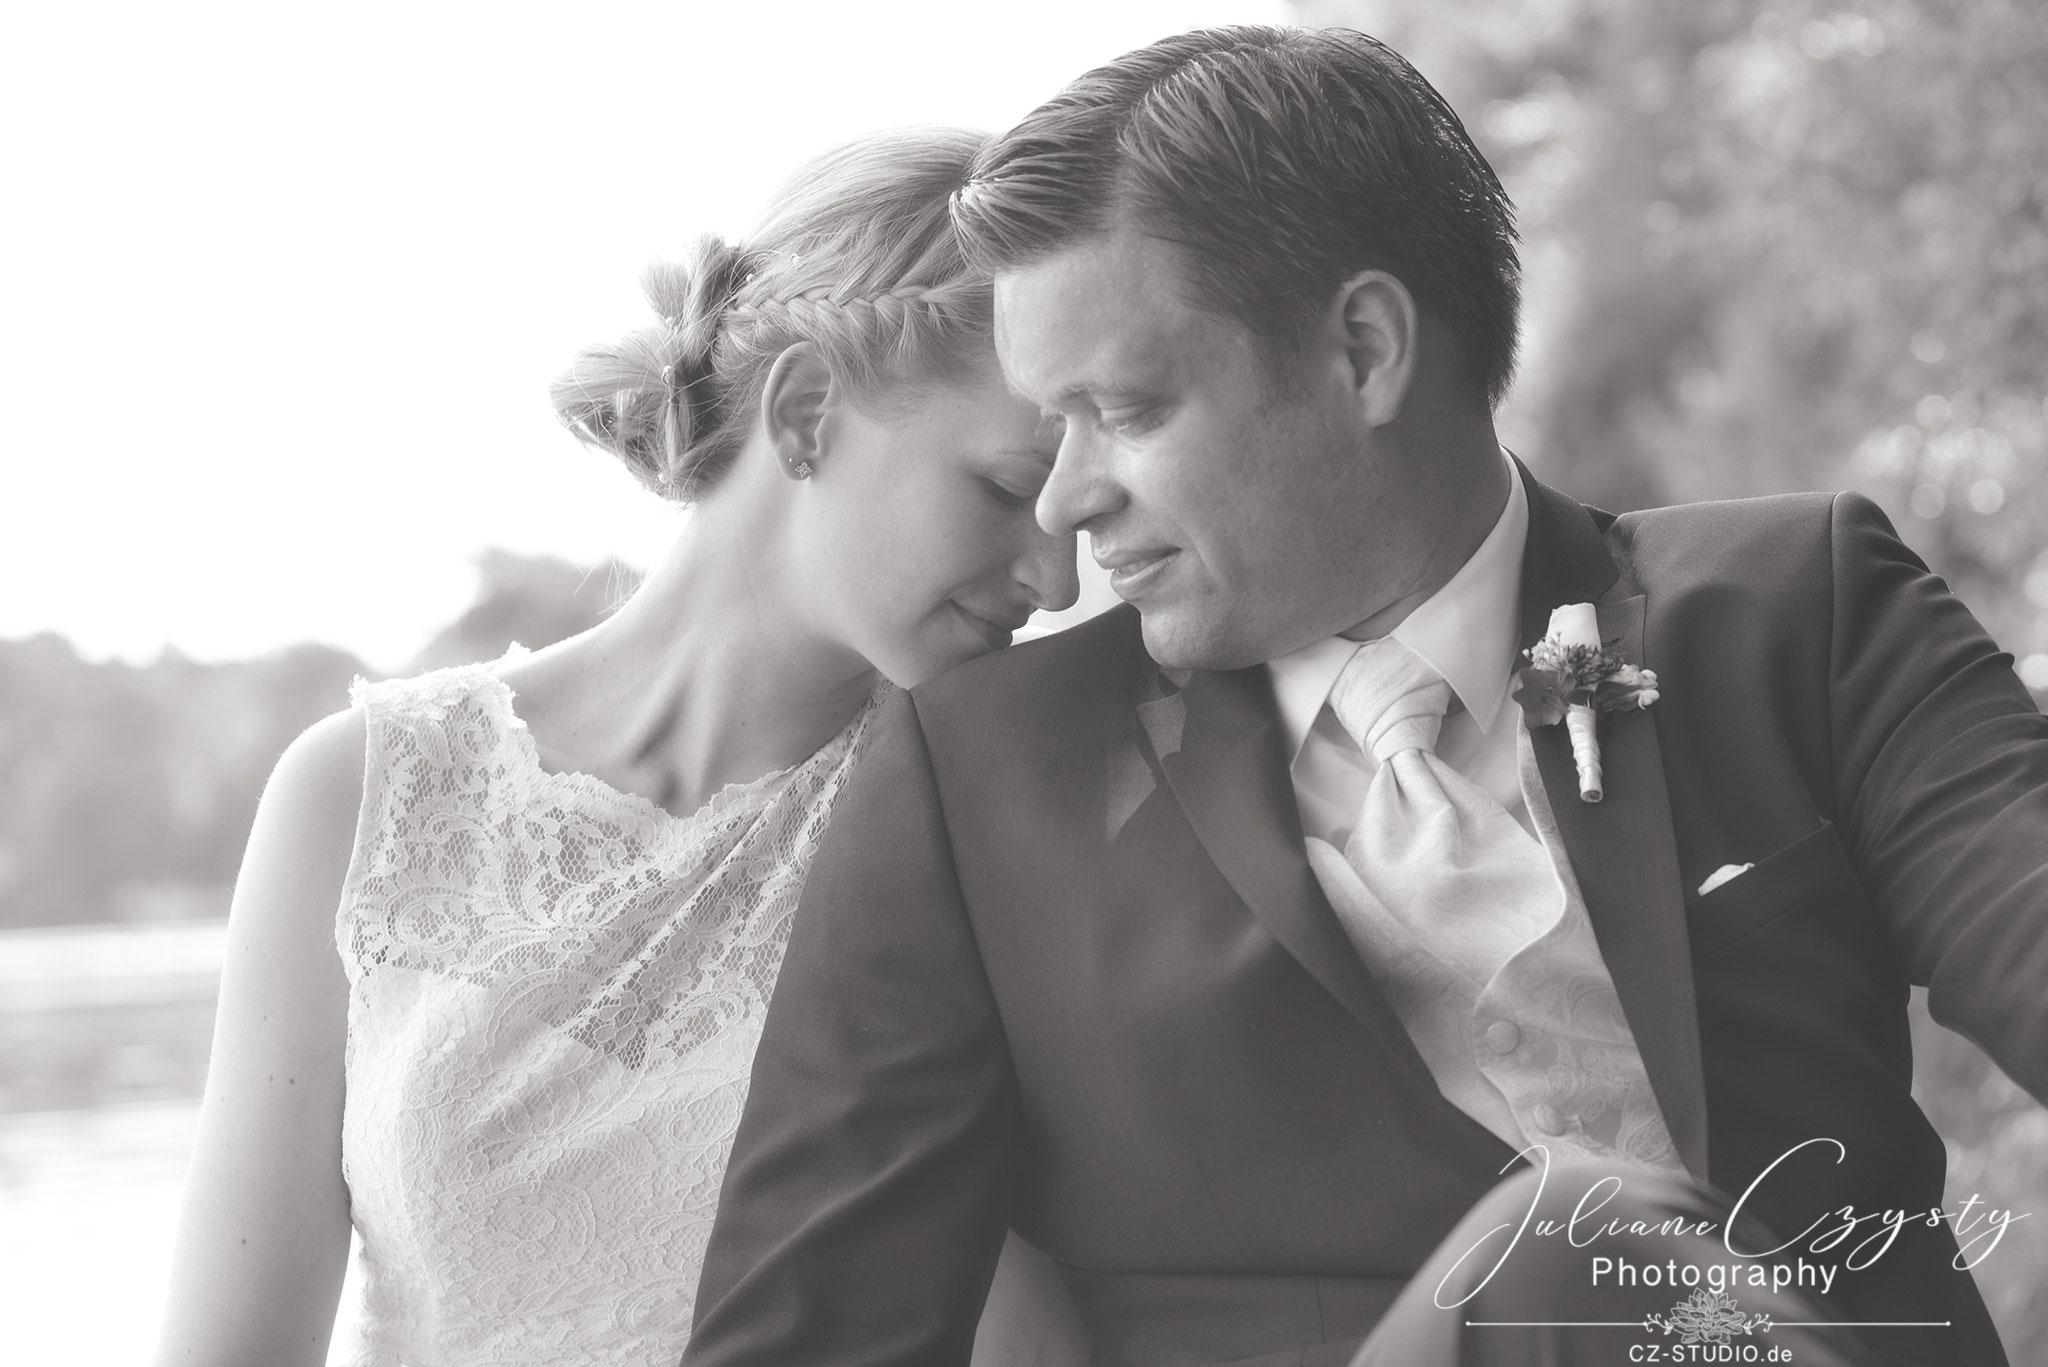 Professionelle Hochzeitsfotos – Juliane Czysty, Fotostudio in Visselhövede